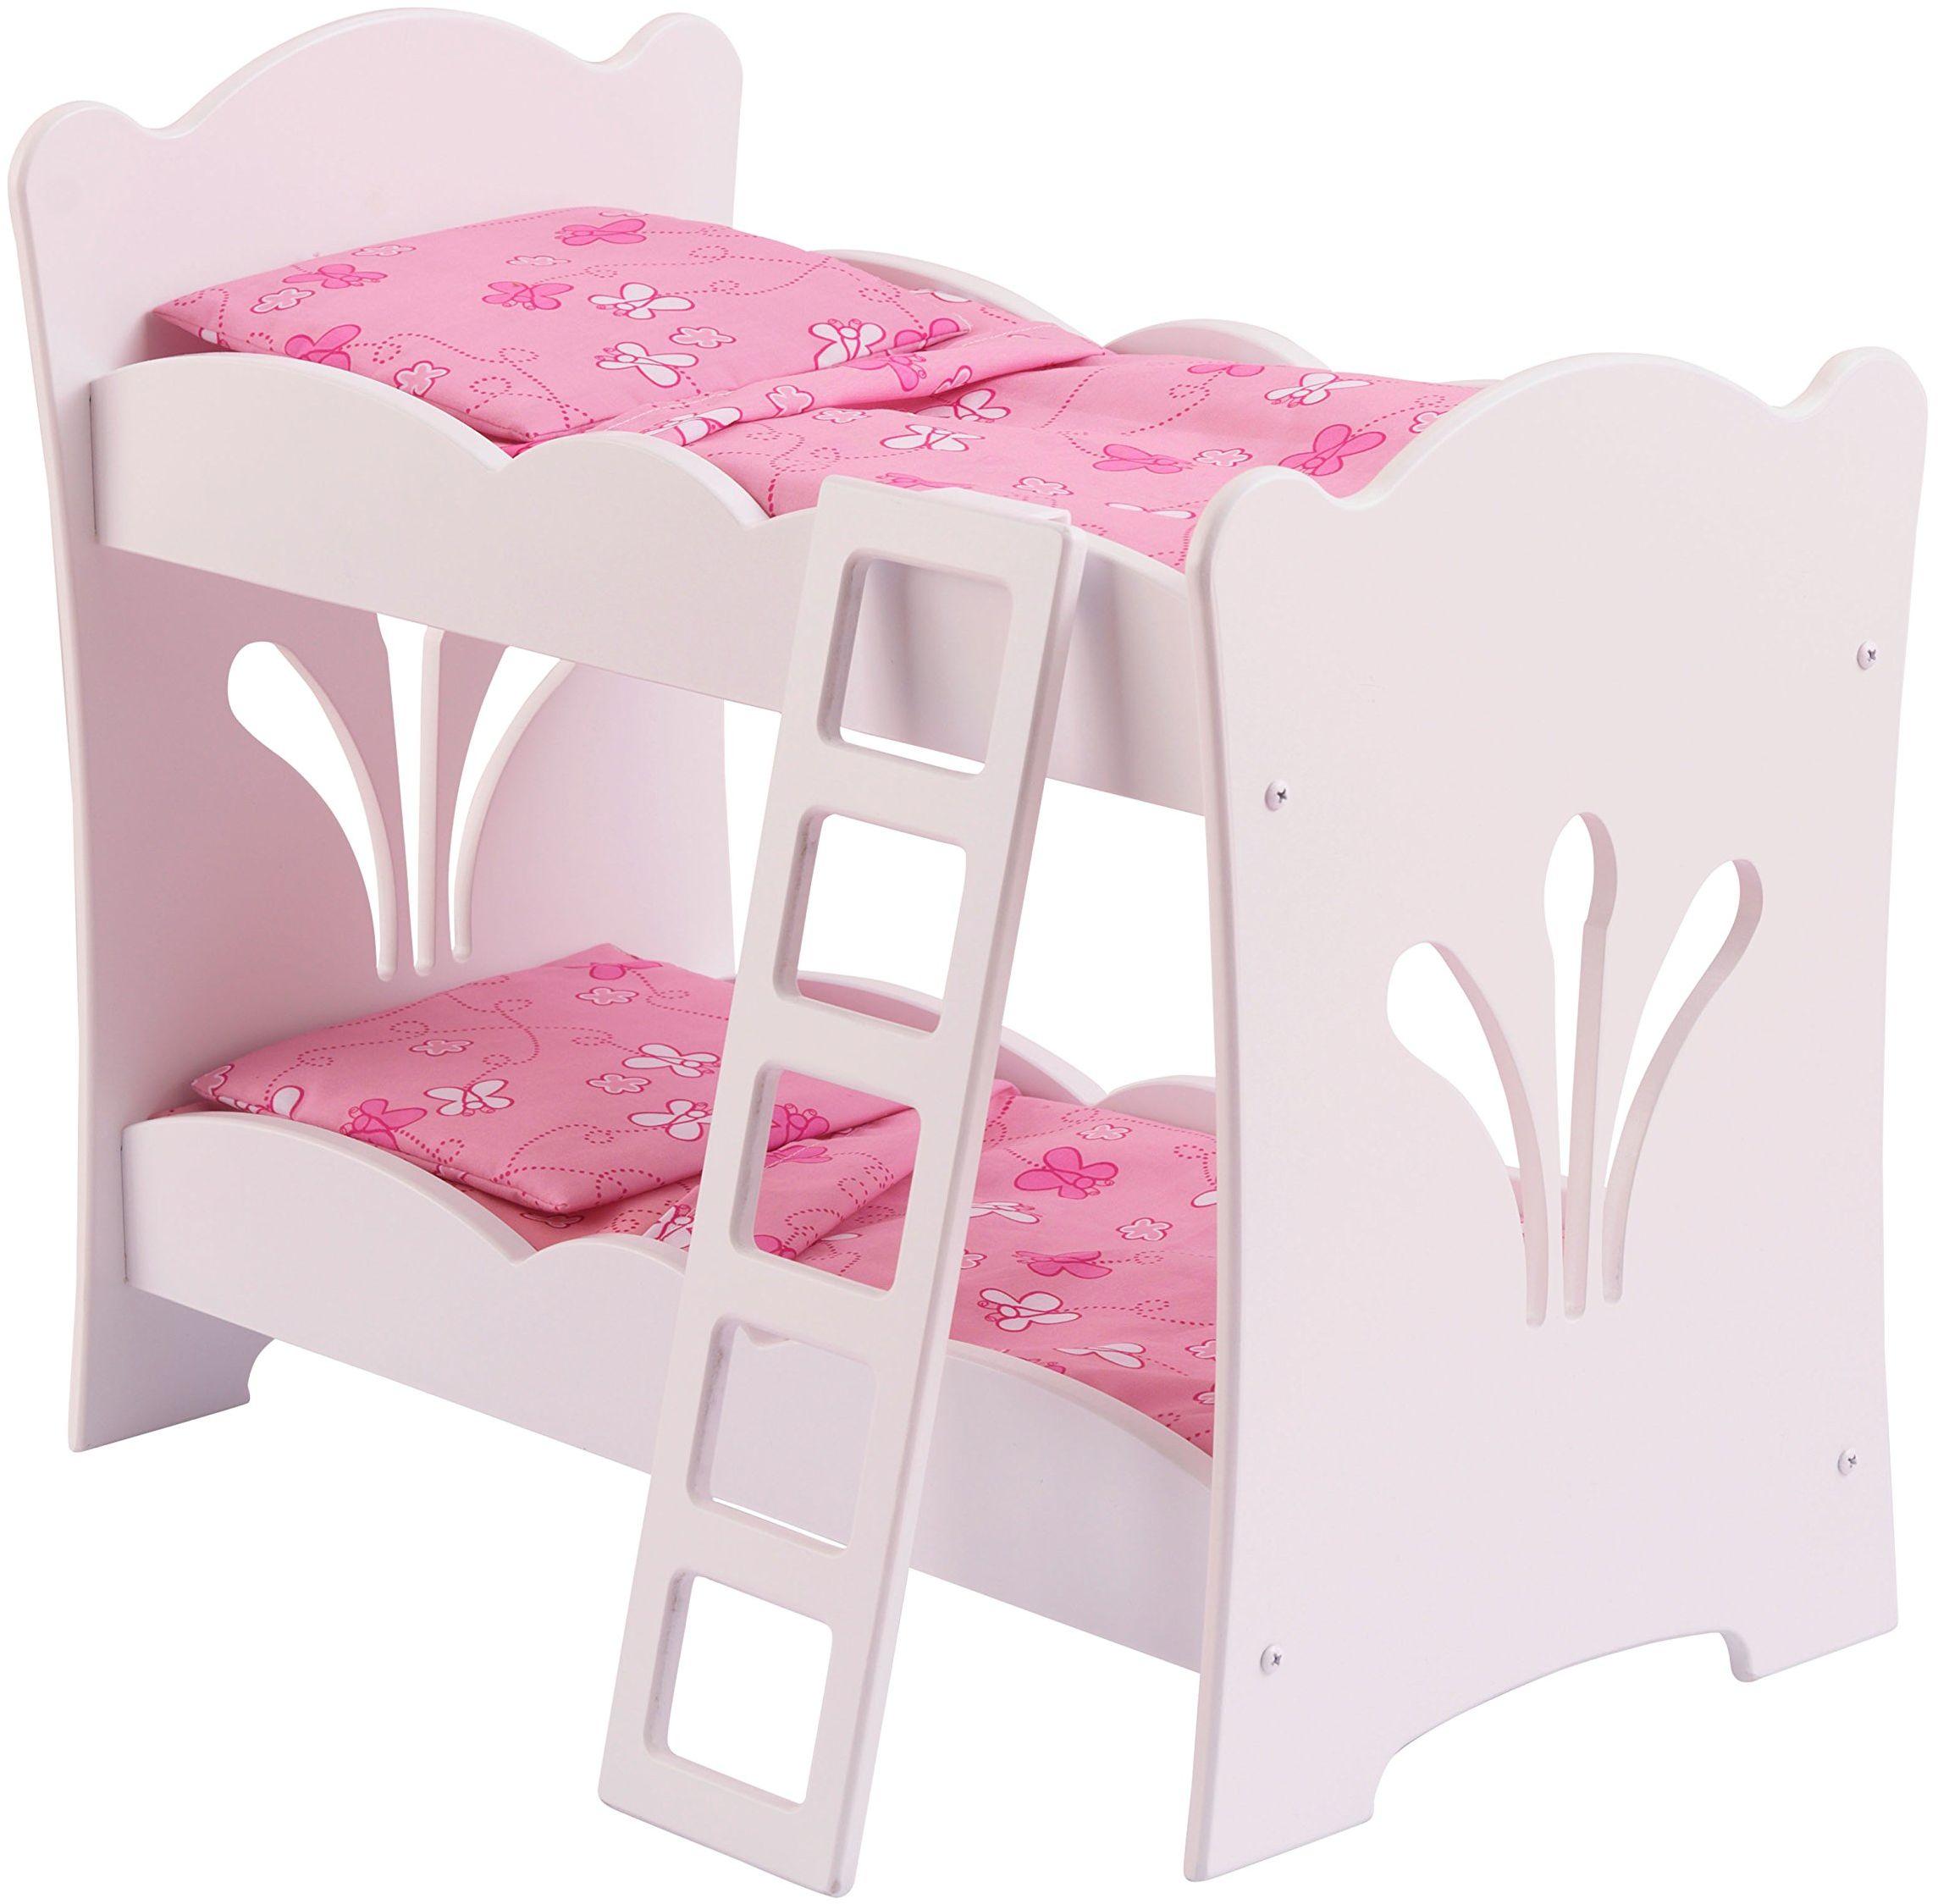 KidKraft Kleineines Lil''Doll 60130 łóżko dla lalek Lil'' Doll, pastelowe kolory, biały